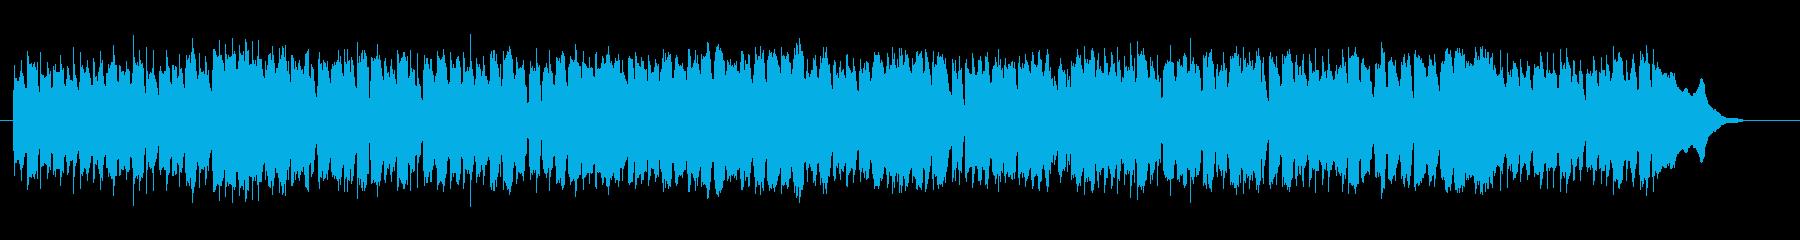 子供のマーチングバンドの再生済みの波形